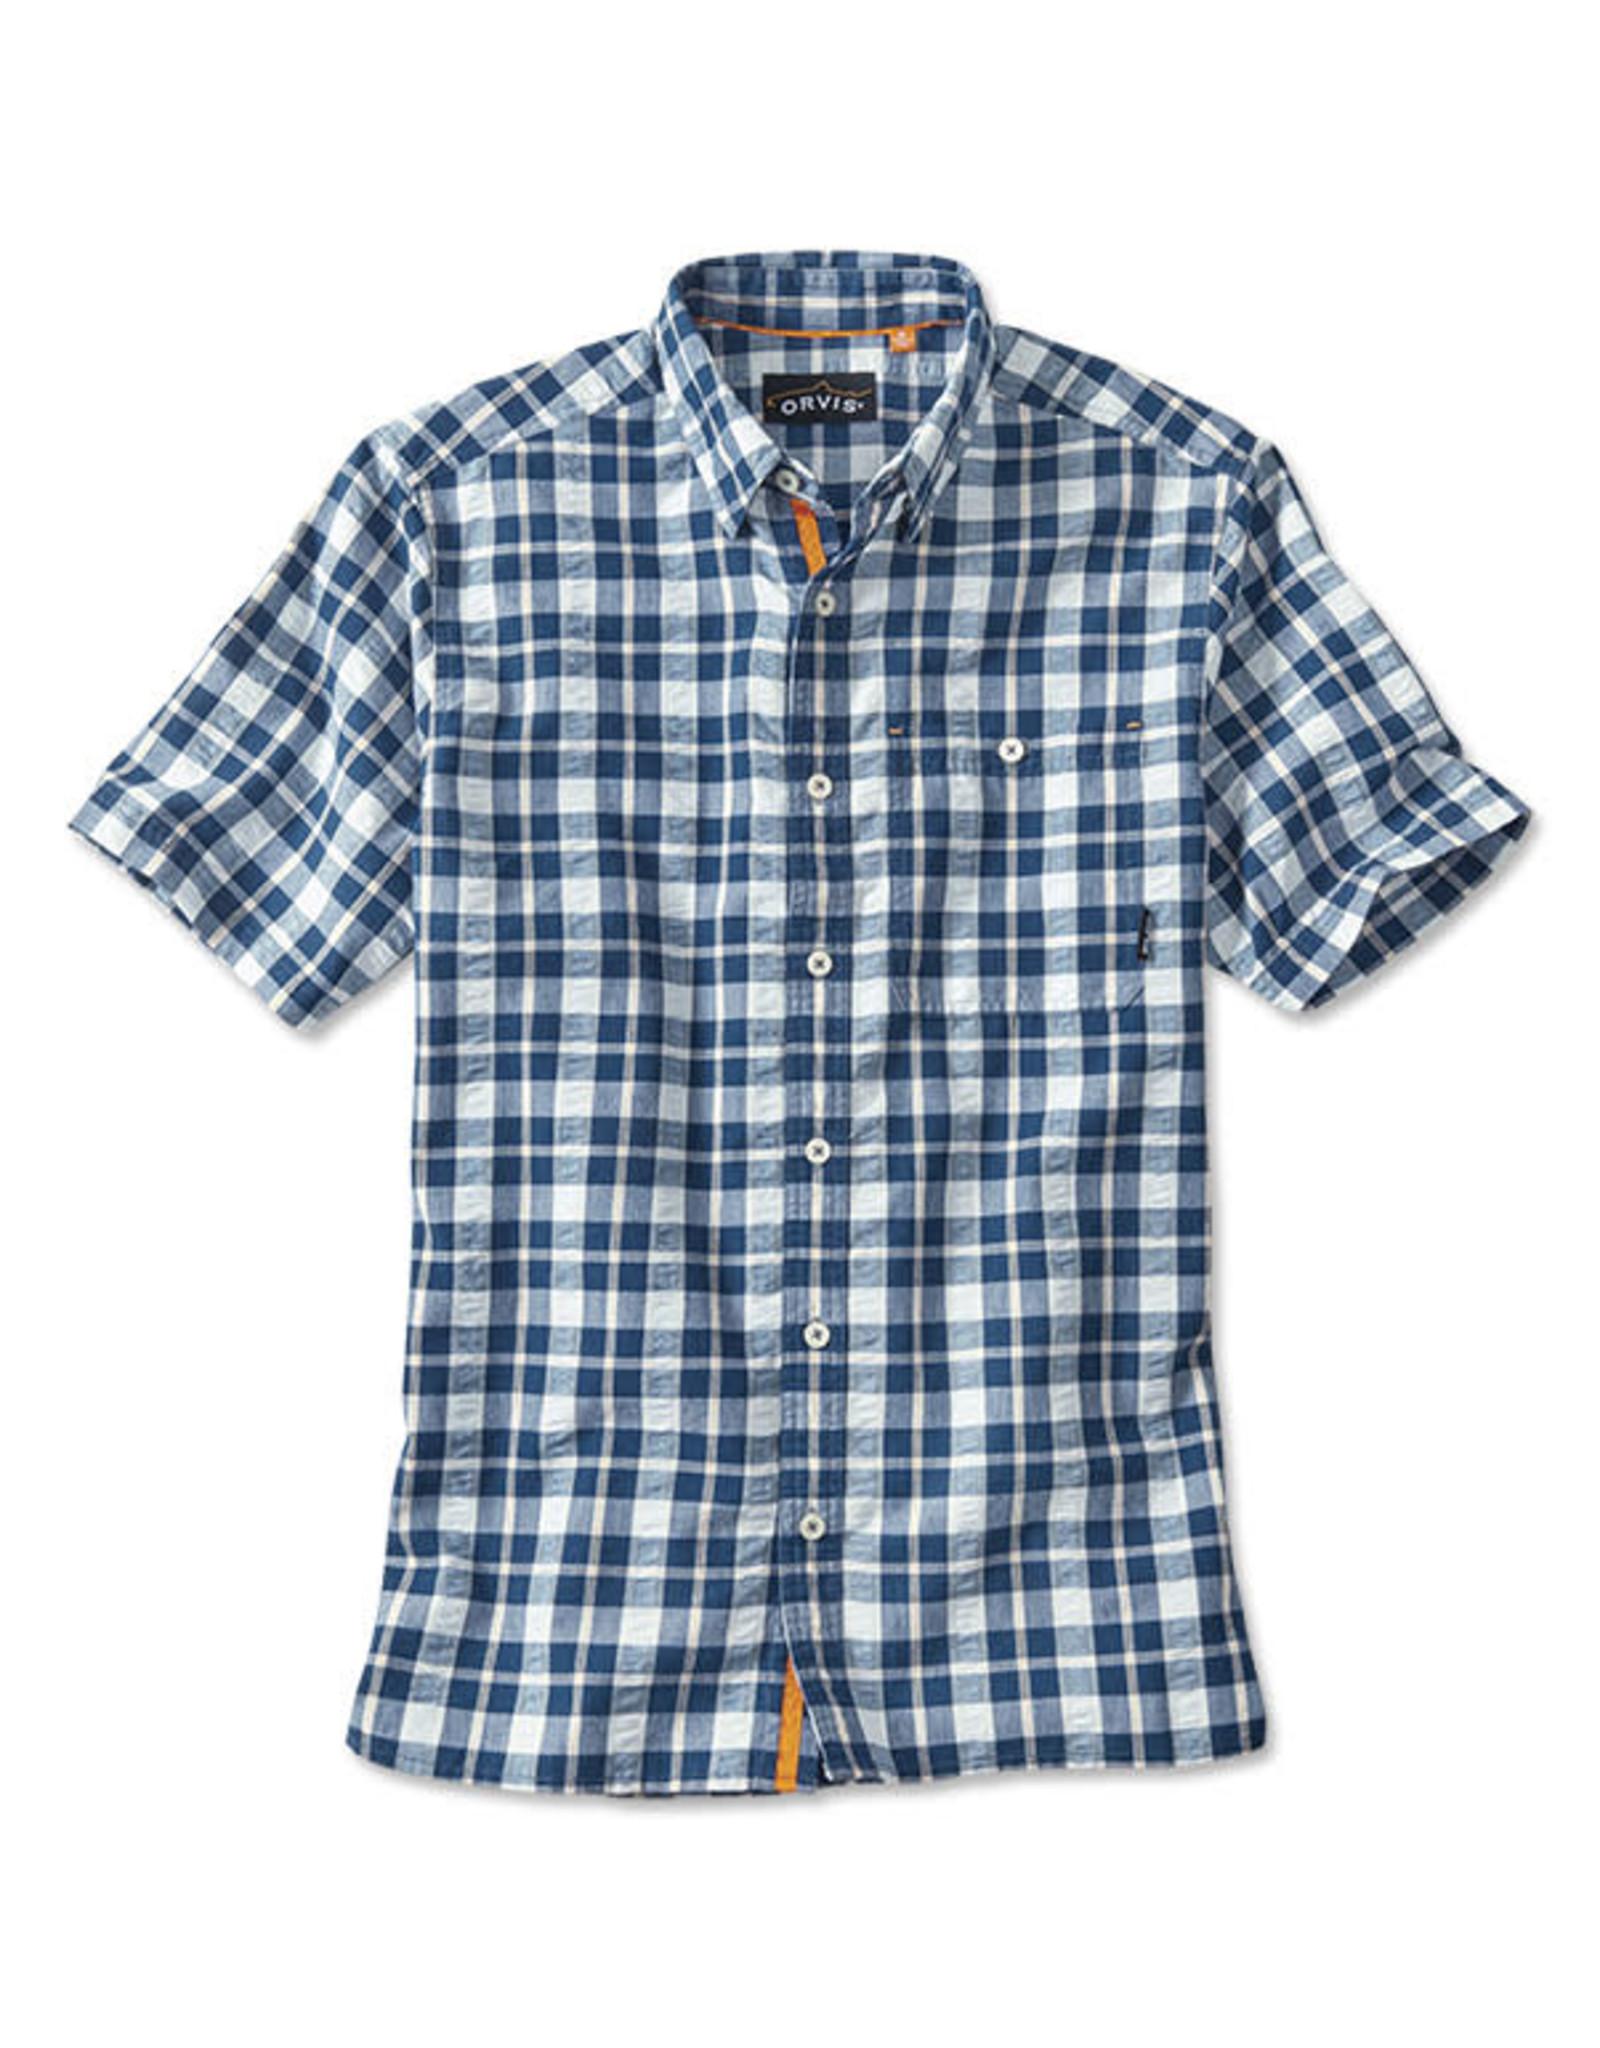 ORVIS Men's Rock Point Short-Sleeved Camp Shirt